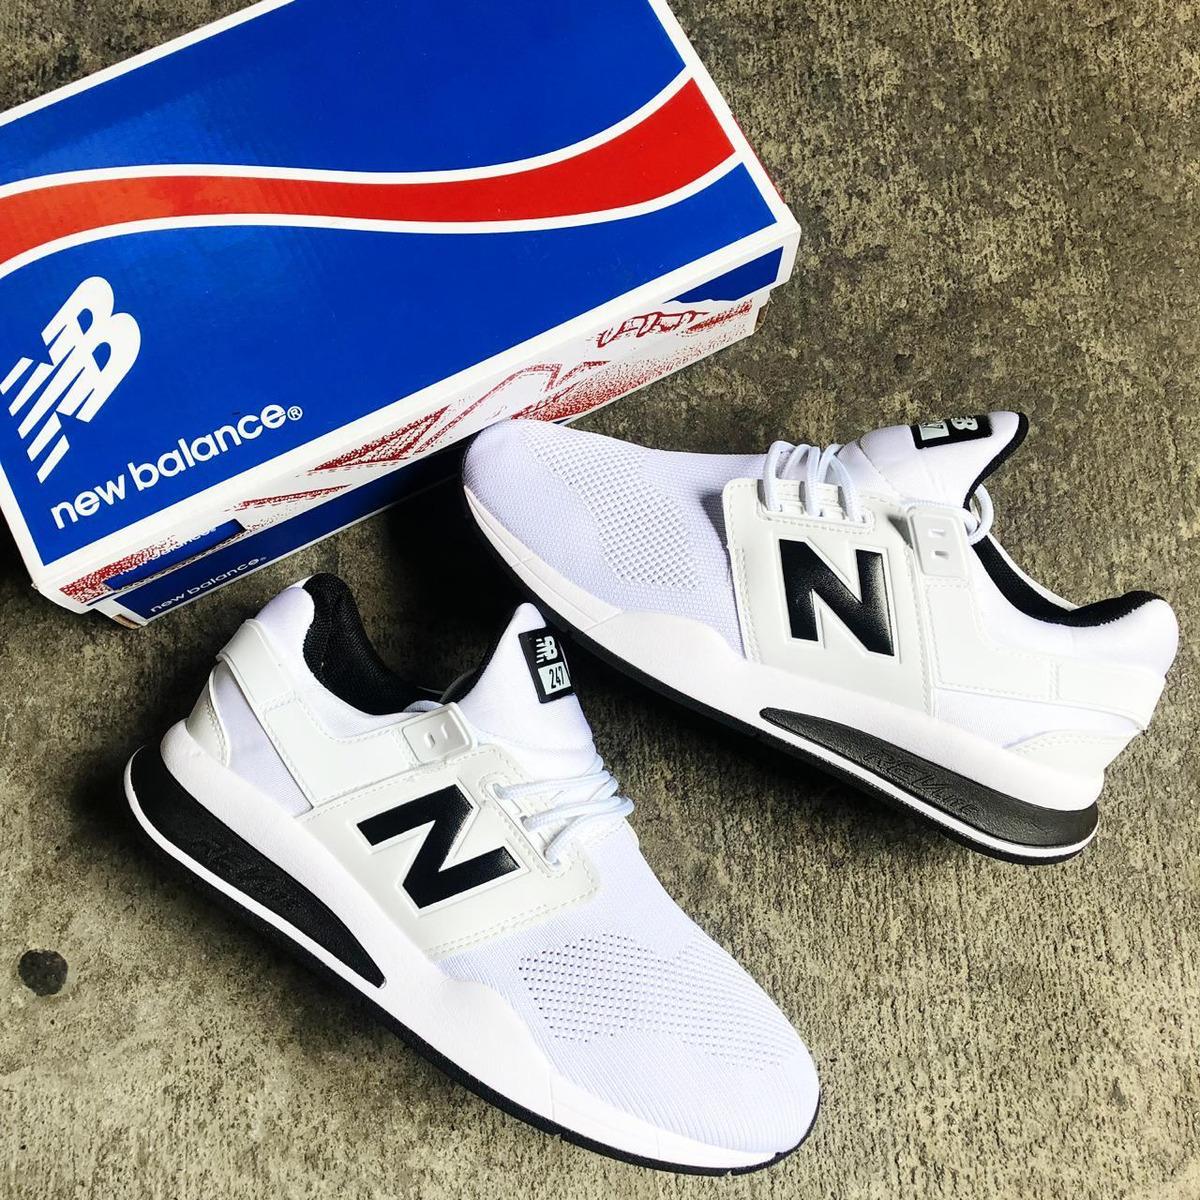 Comprar 2019 New Balance 1500 V4 Boa B En Promoción